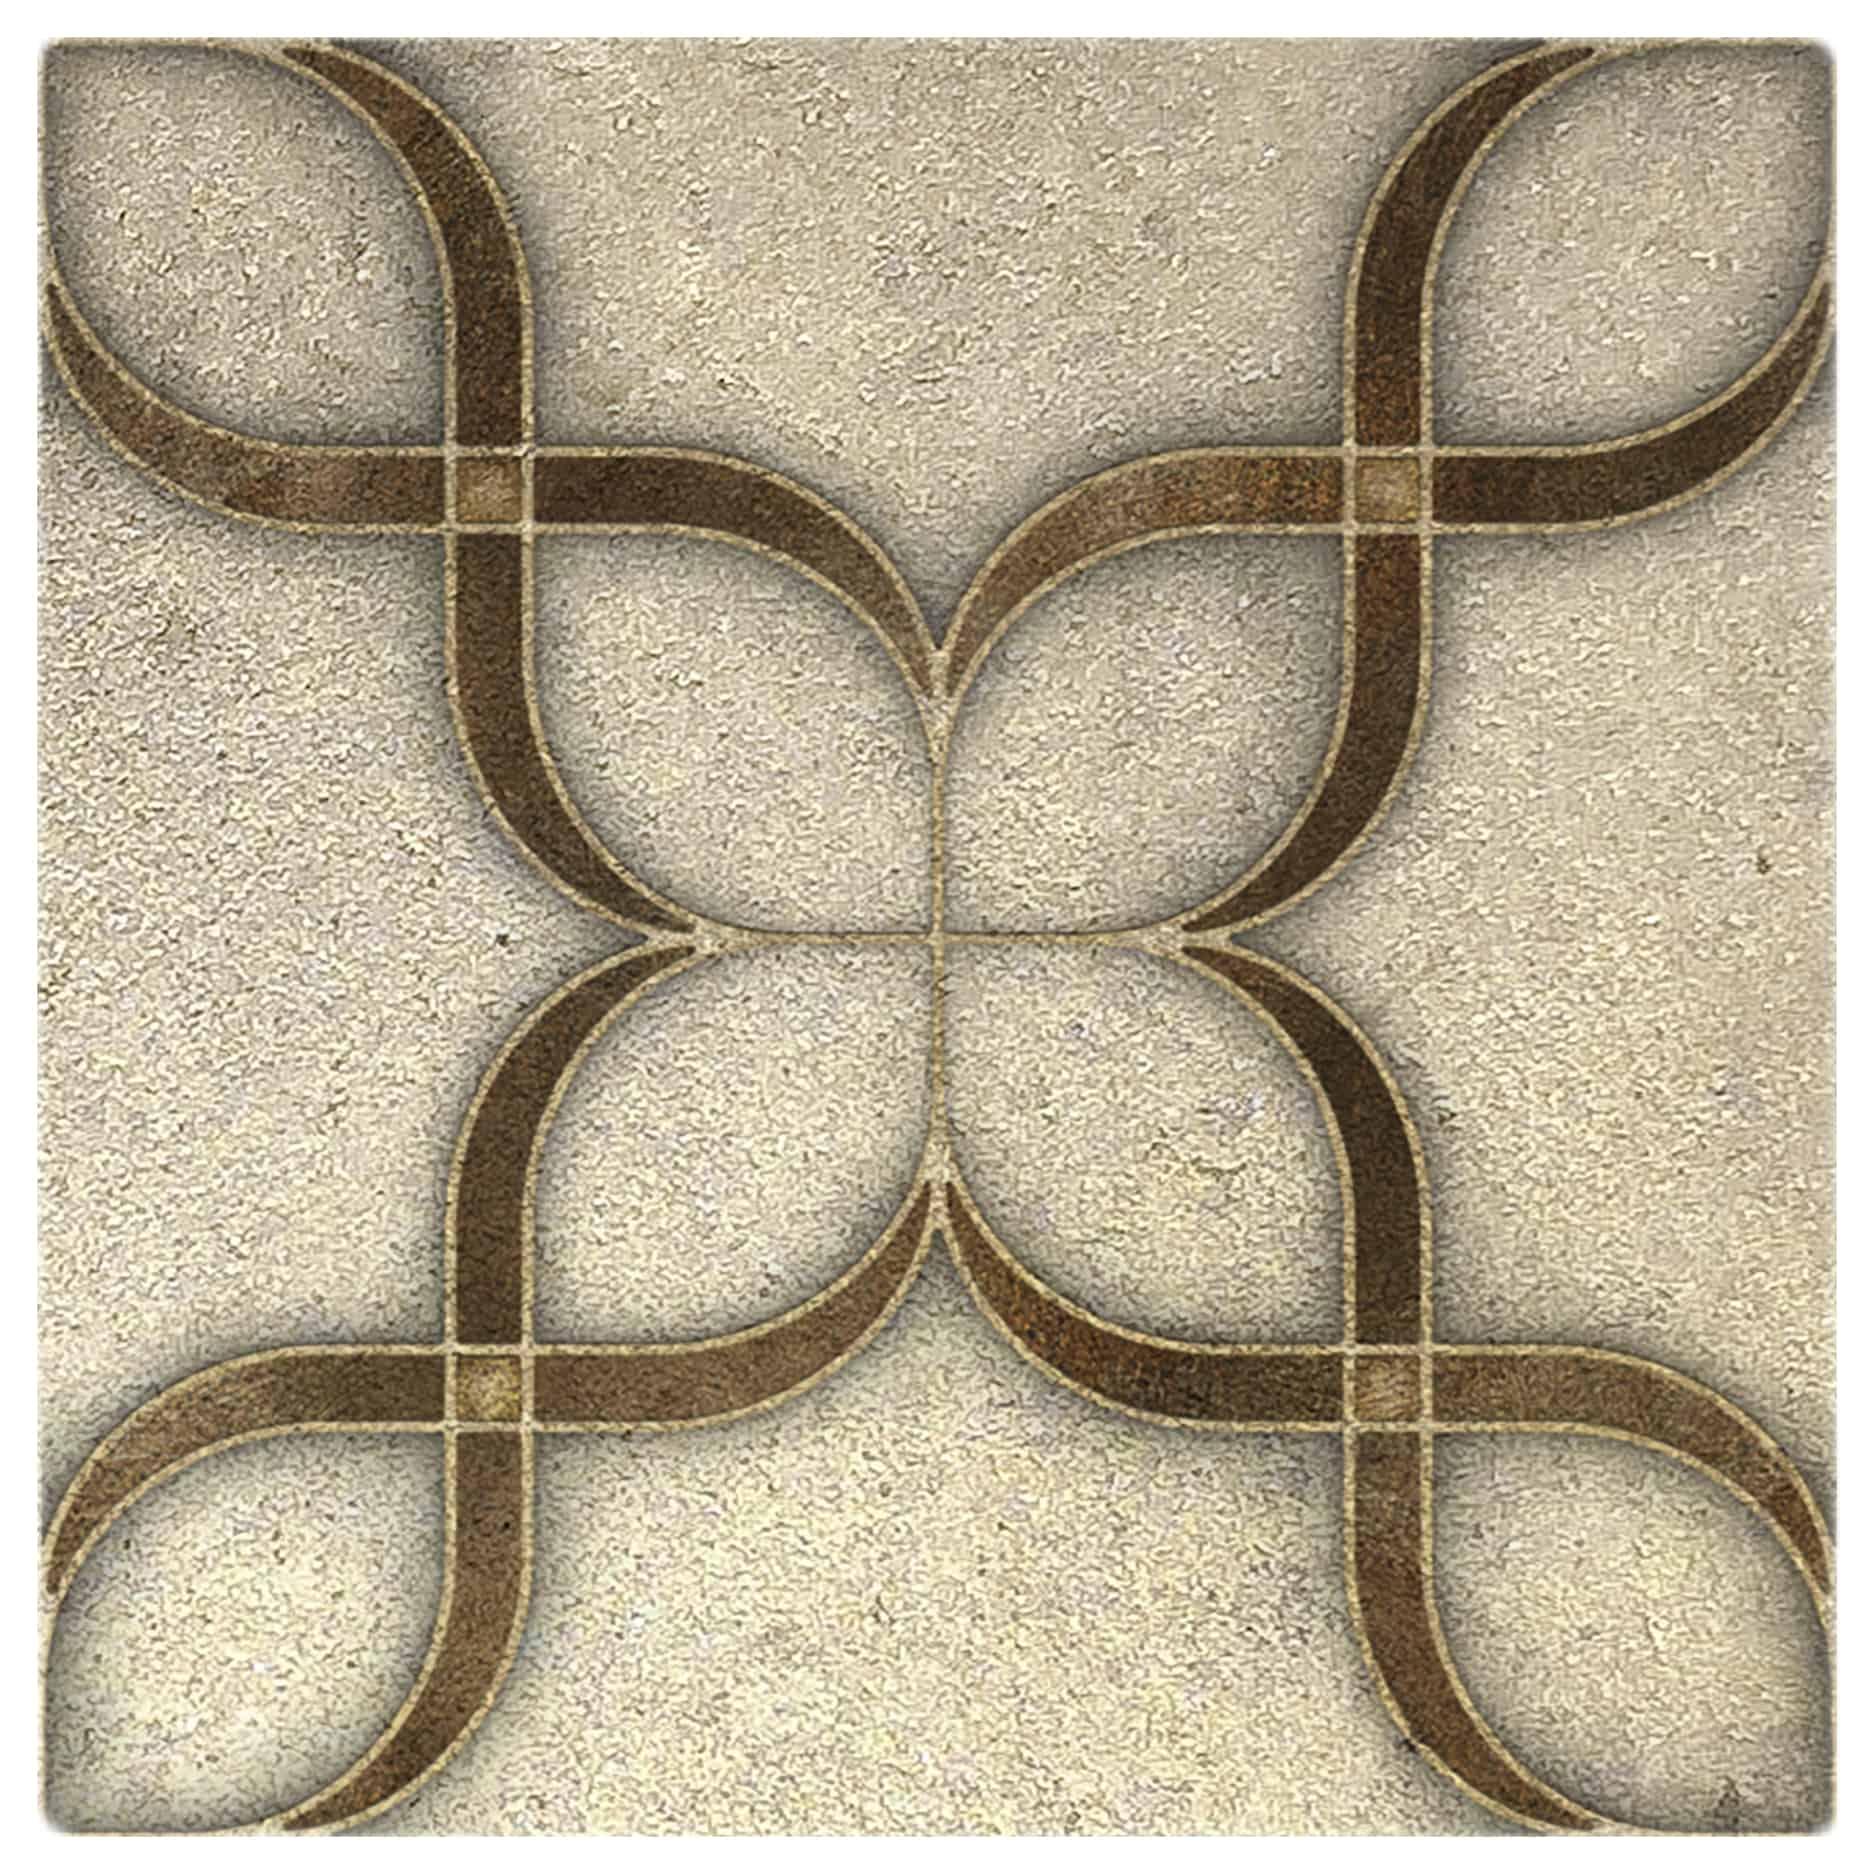 Crofton Amber Luster Pattern Tile